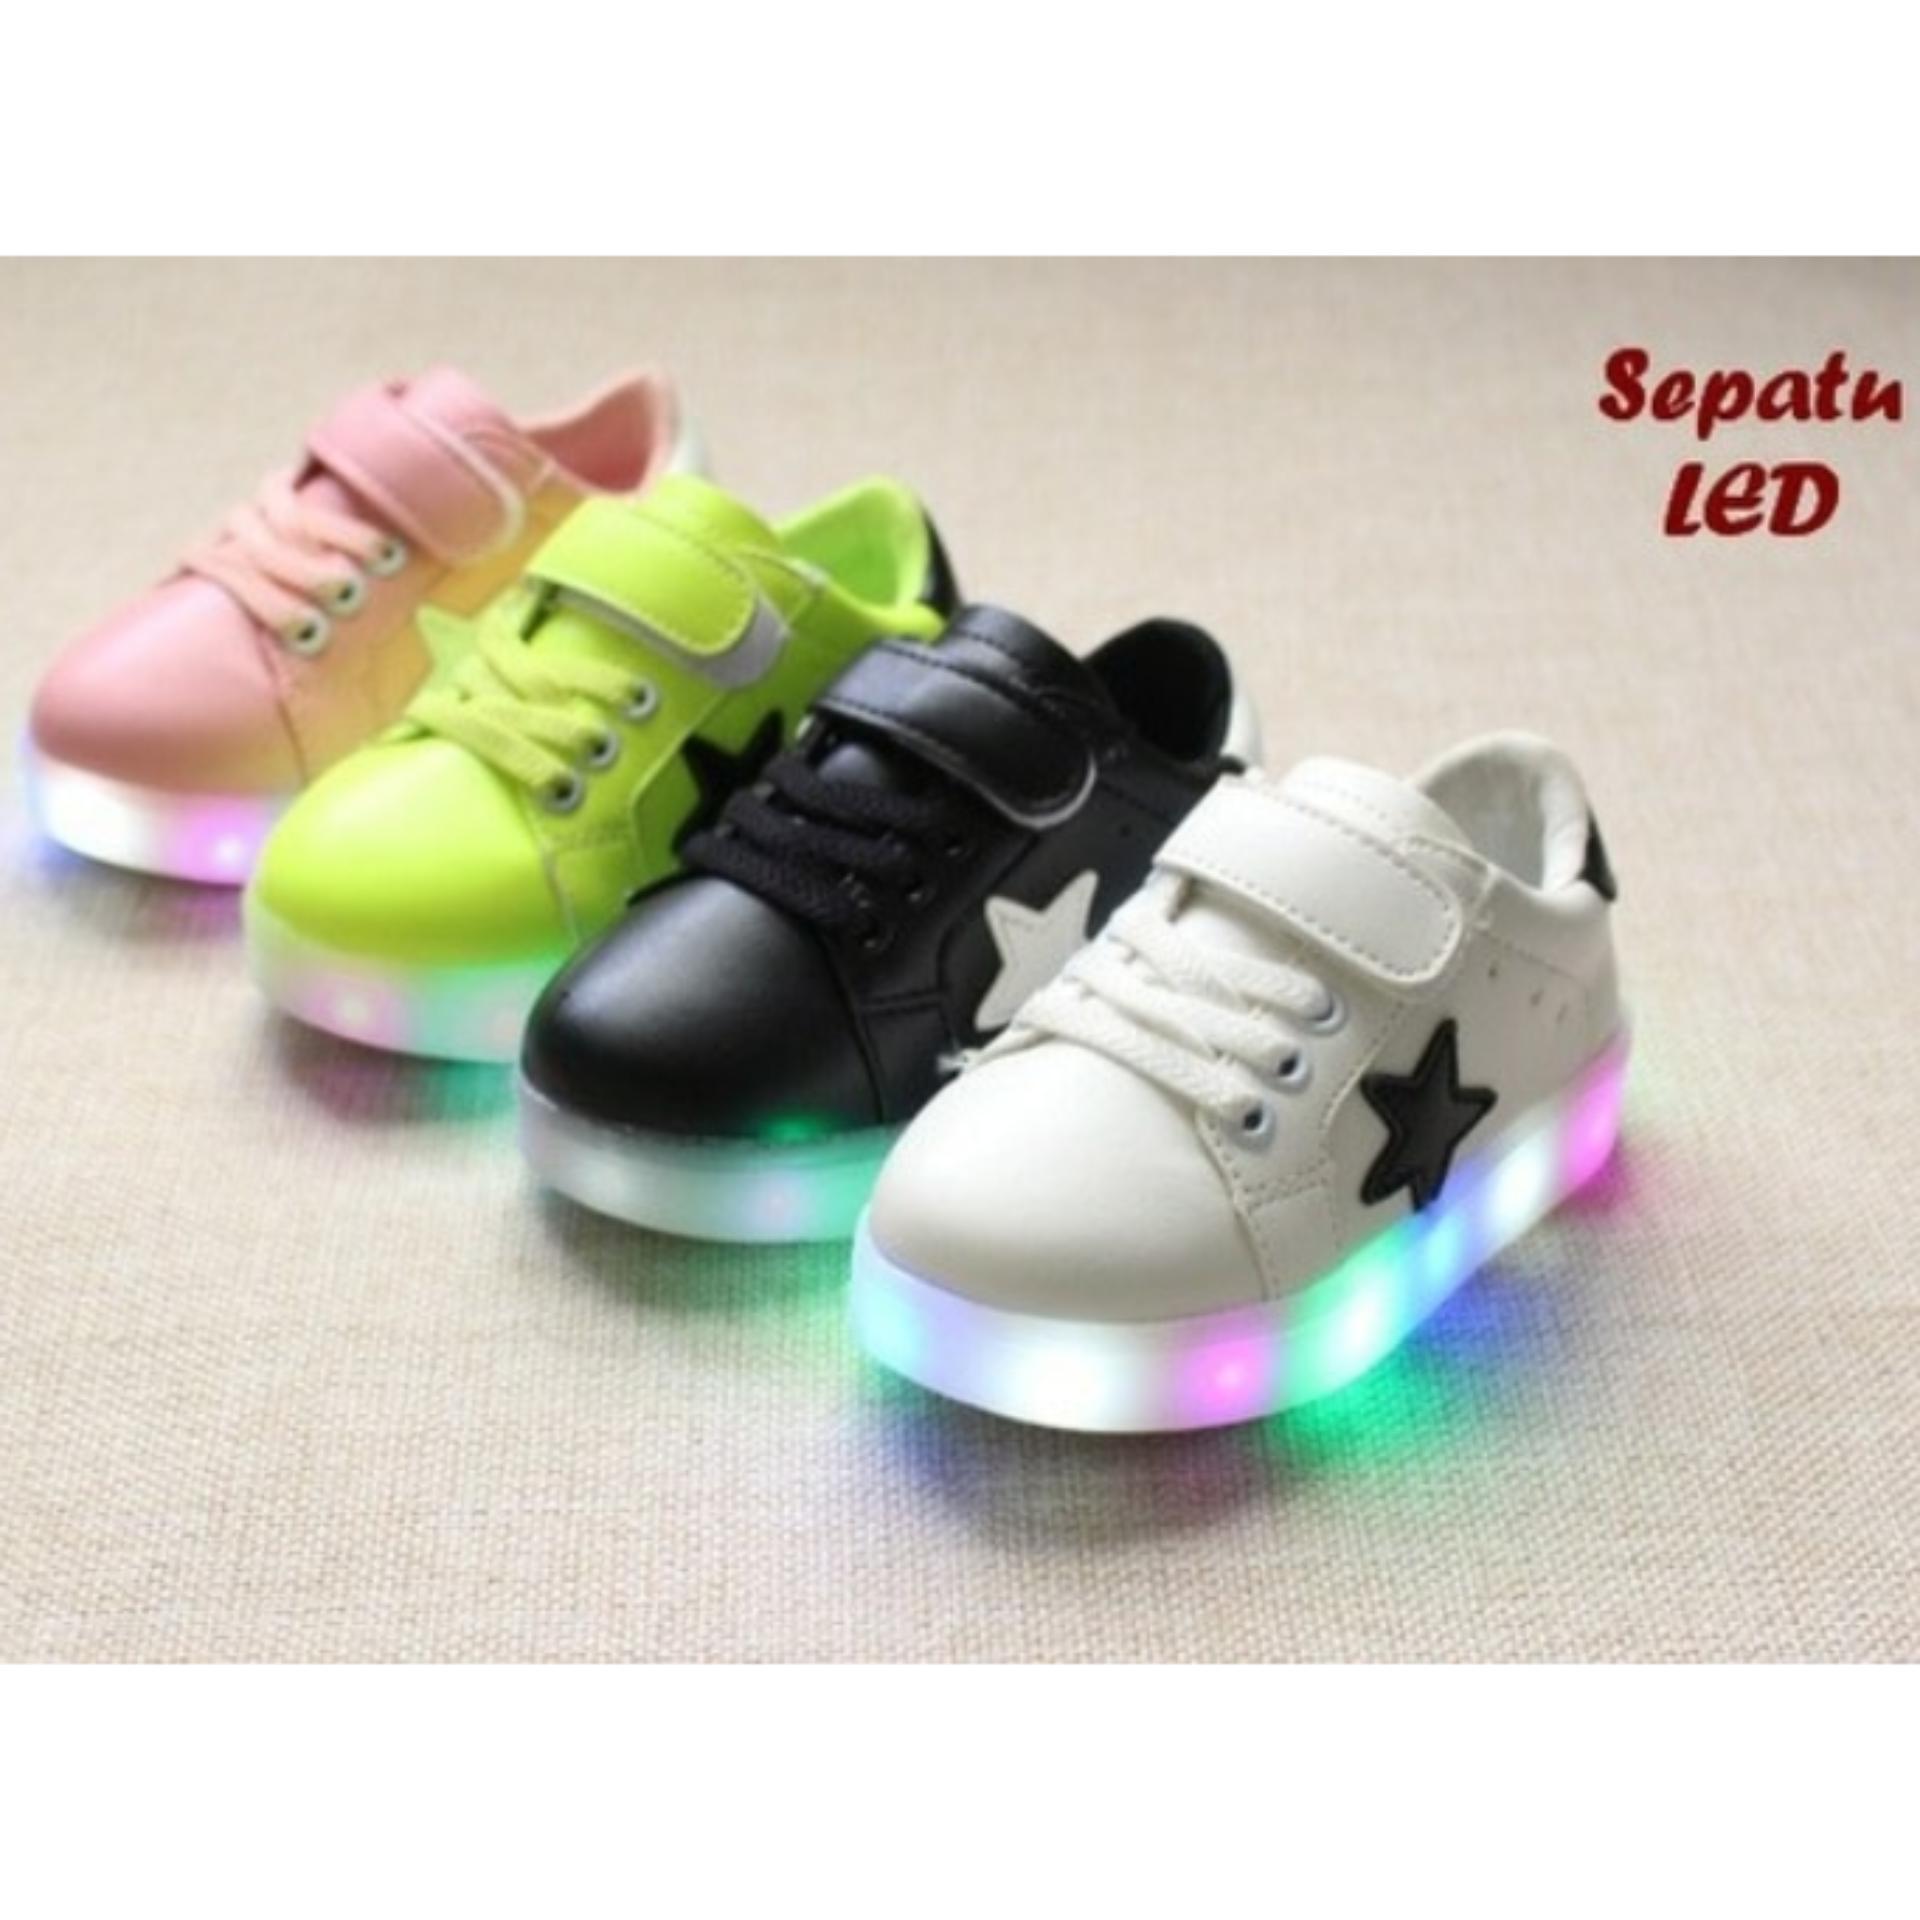 Jual Sepatu Anak Keren Dengan Lampu Led Warna Warni Led Asli